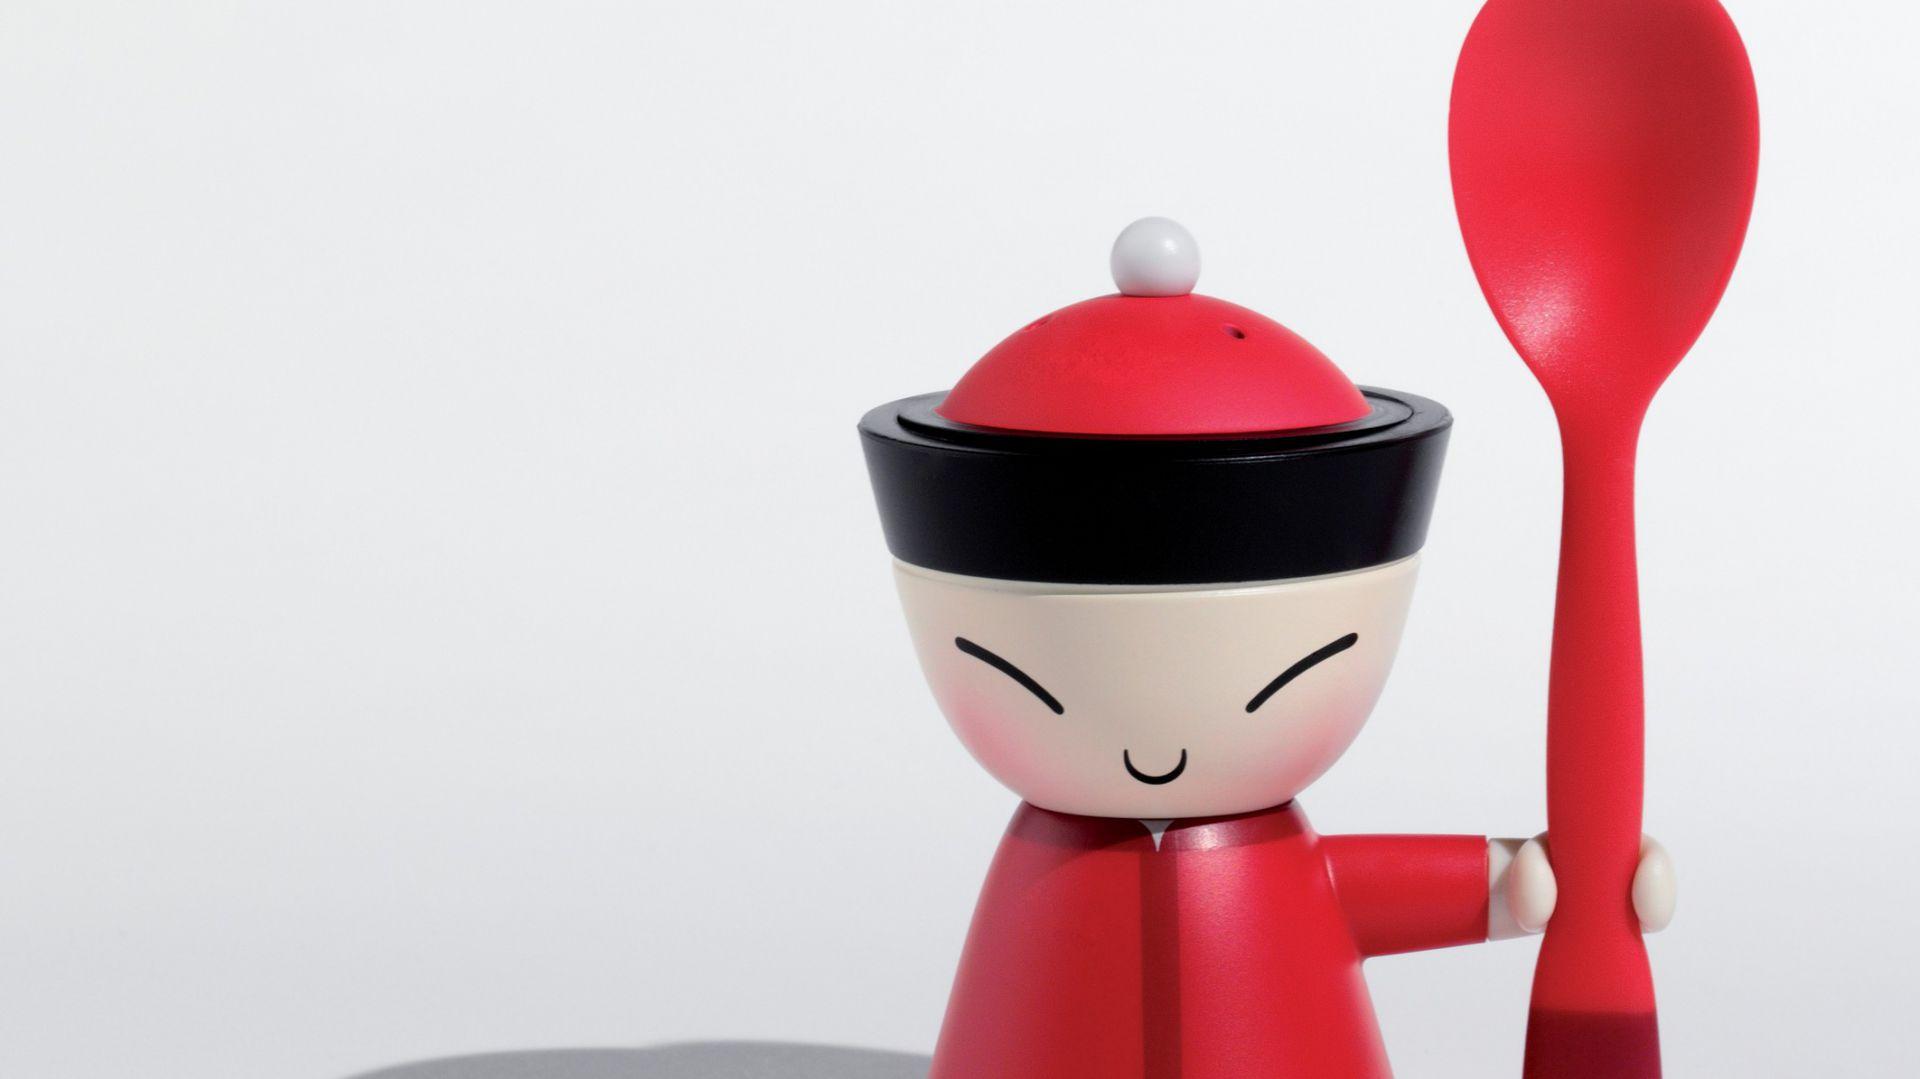 Kieliszek na jajko Mr. Chin to kolejny element kolekcji Chin Family zaprojektowanej przez Stefano Giovannoni we współpracy z Narodowym Muzeum Tajwanu. Projekt ten złożony jest z trzech elementów: podstawki z kieliszkiem na jajko, łyżeczki oraz solniczki ukrytej w czapeczce. Wykonany z tworzywa sztucznego. Wysokość: 11 cm. 95 zł, A di Alessi/Uniqon.